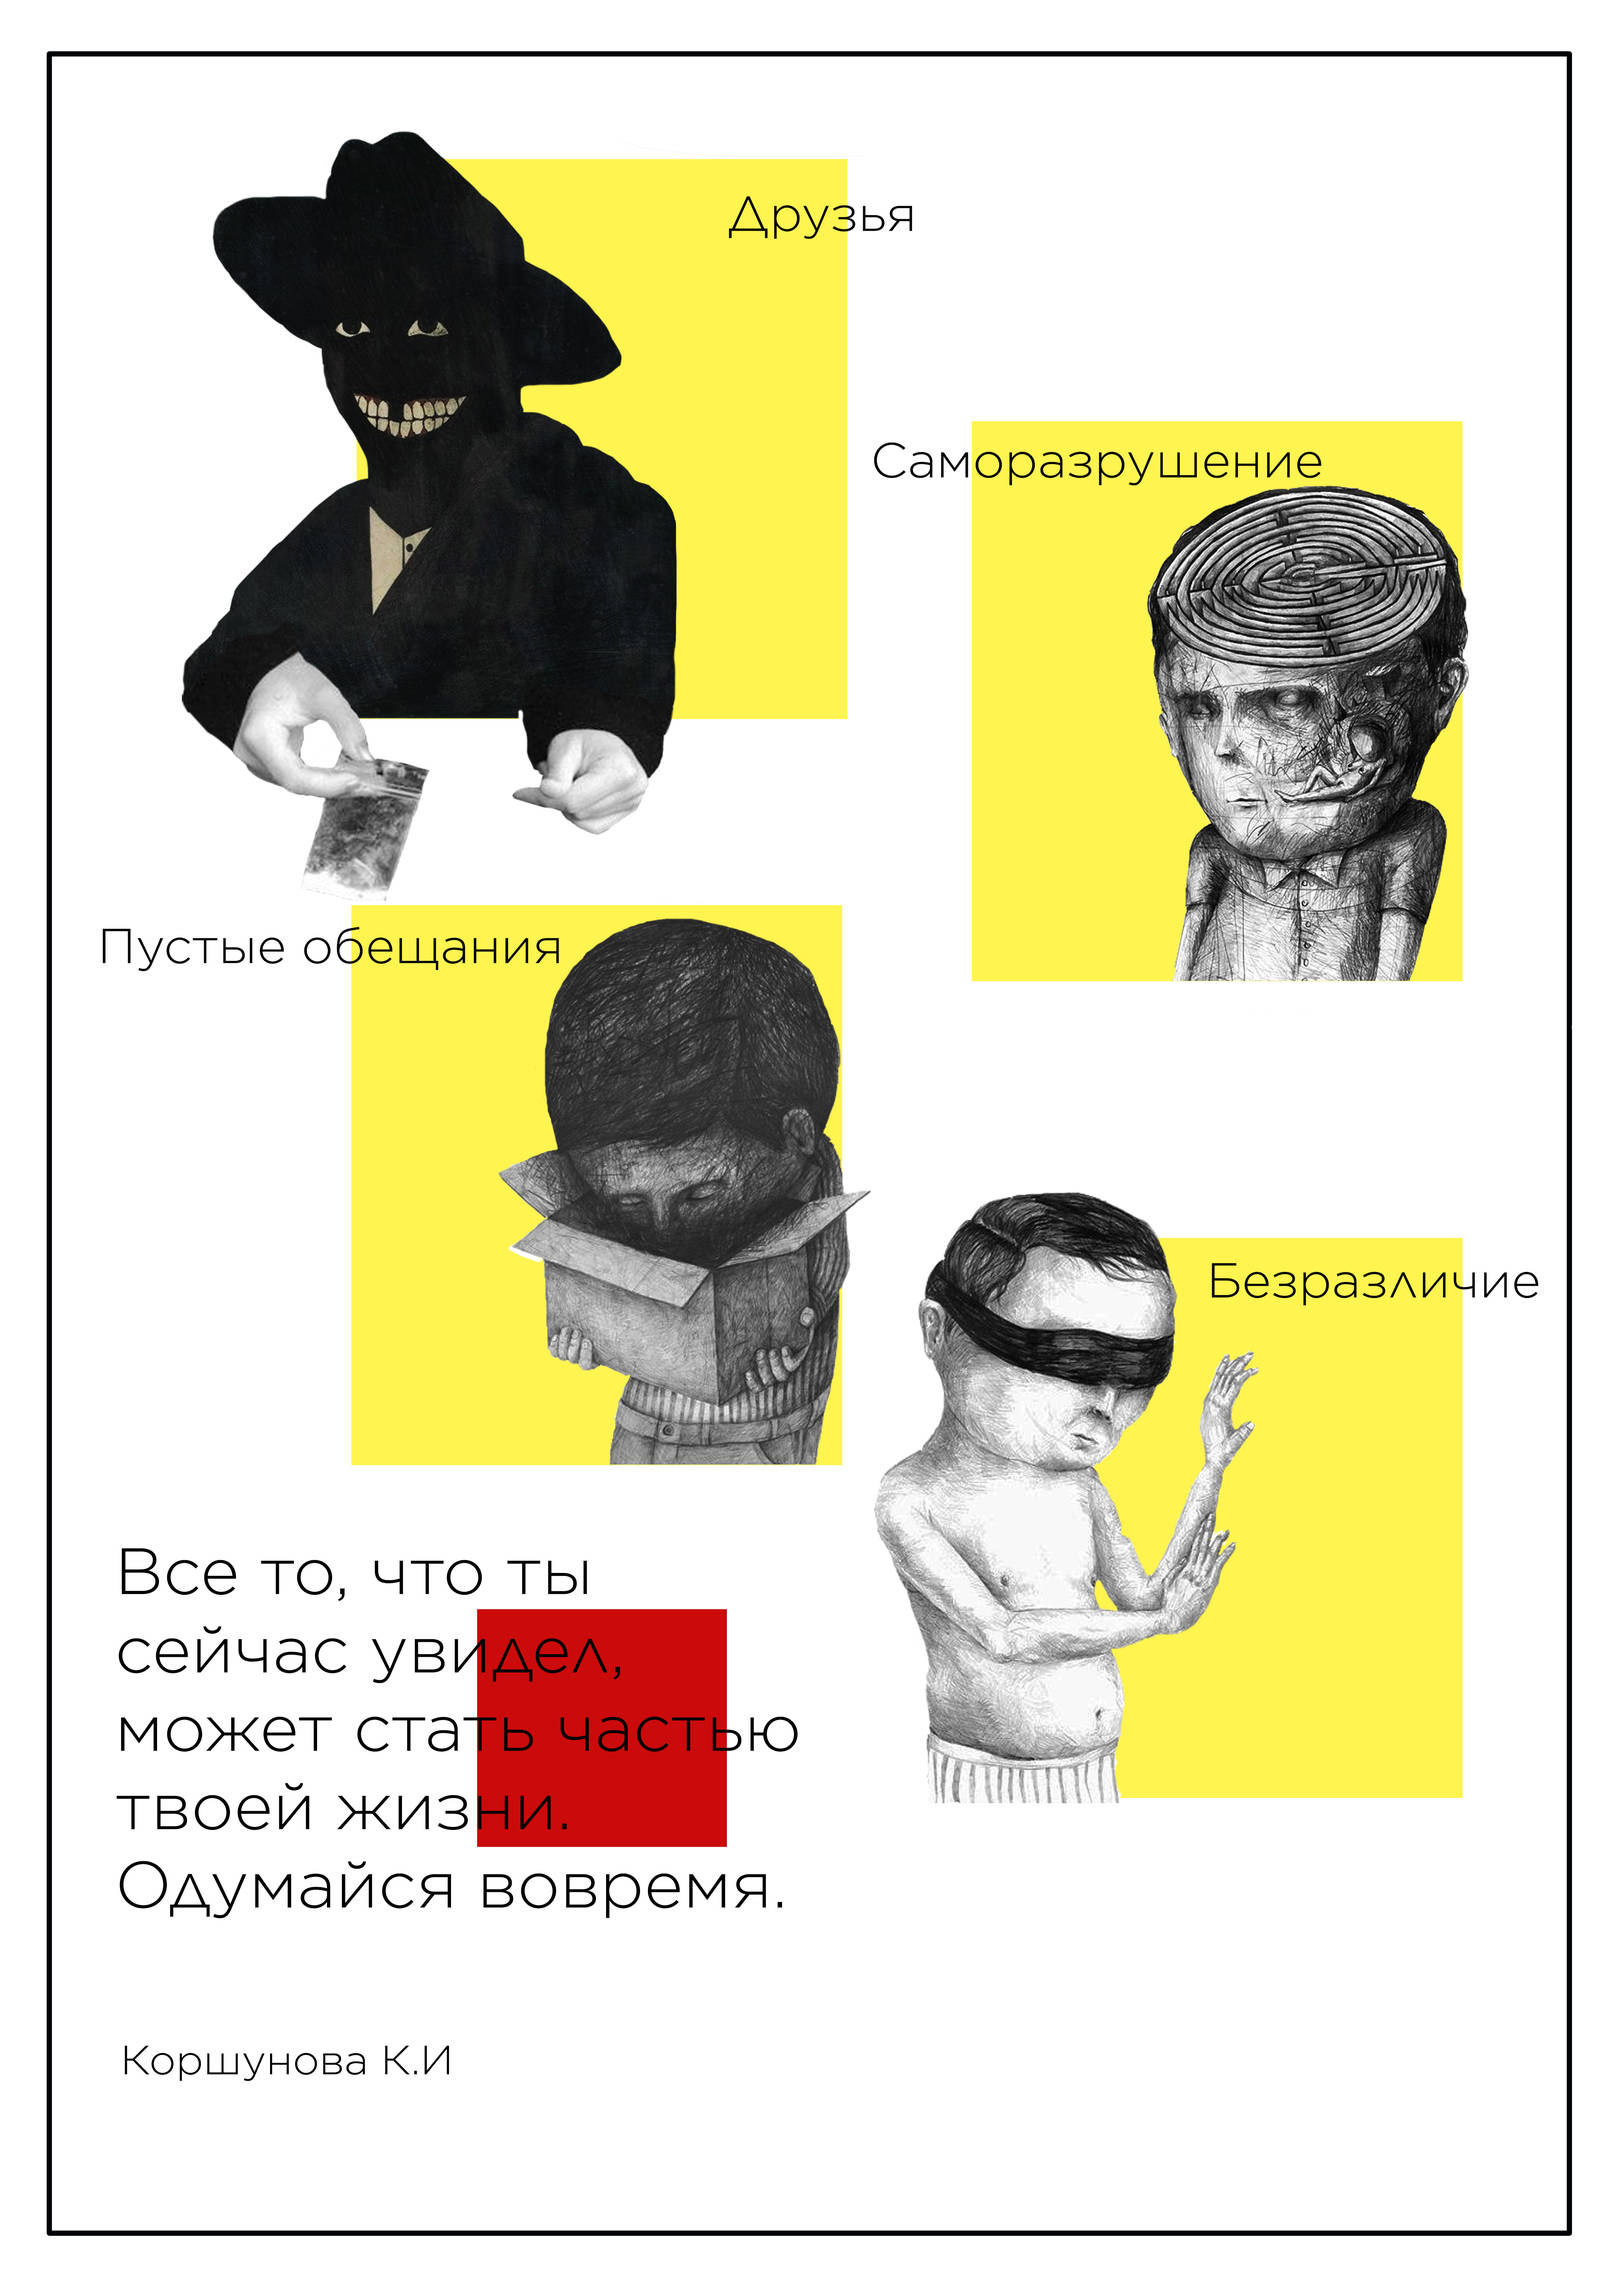 """Социальный постер на тему """"опасность наркотиков"""""""